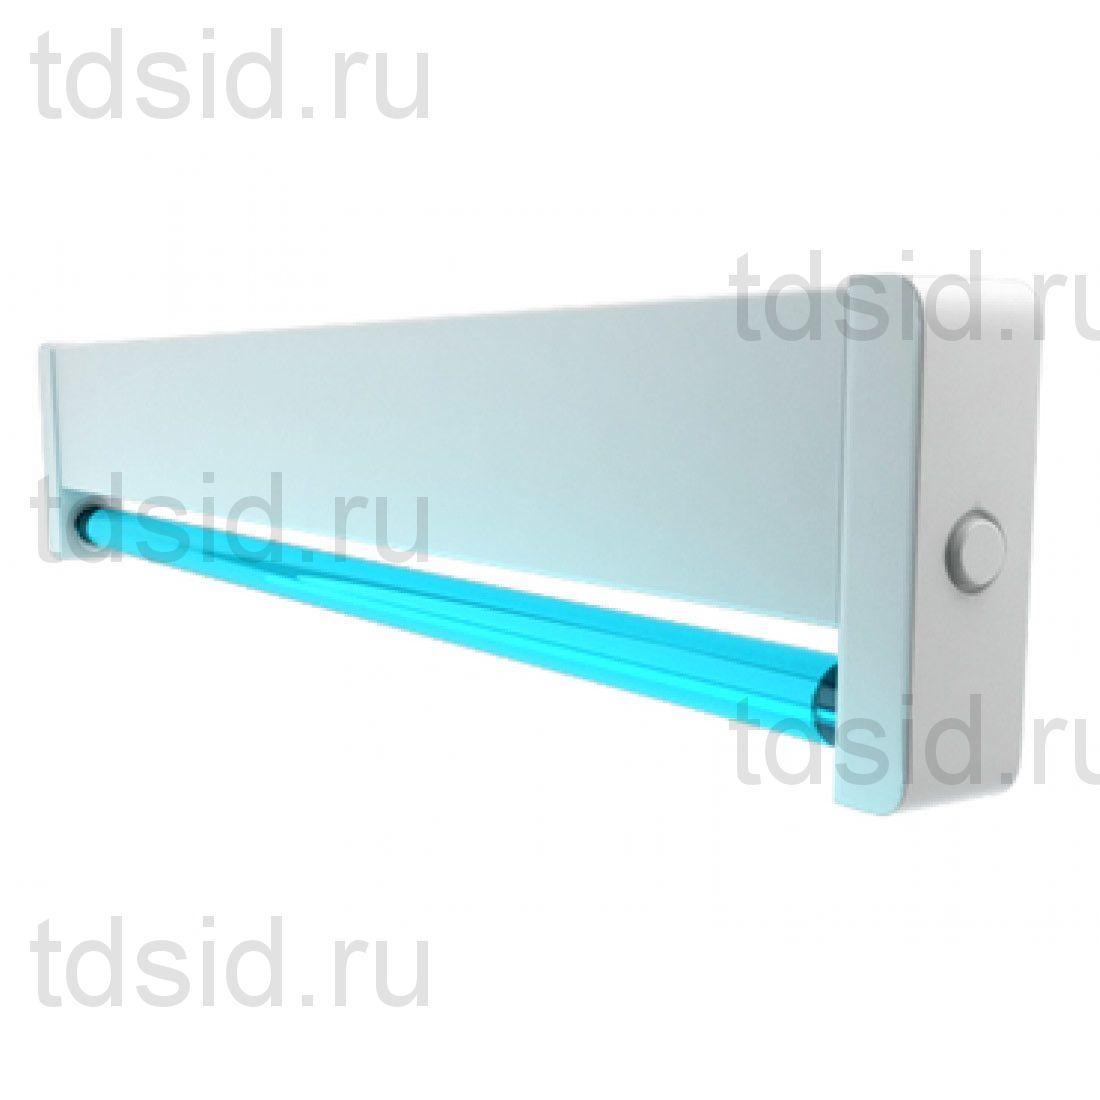 Облучатель ОБН-75 Азов со шнуром и лампой в комплекте